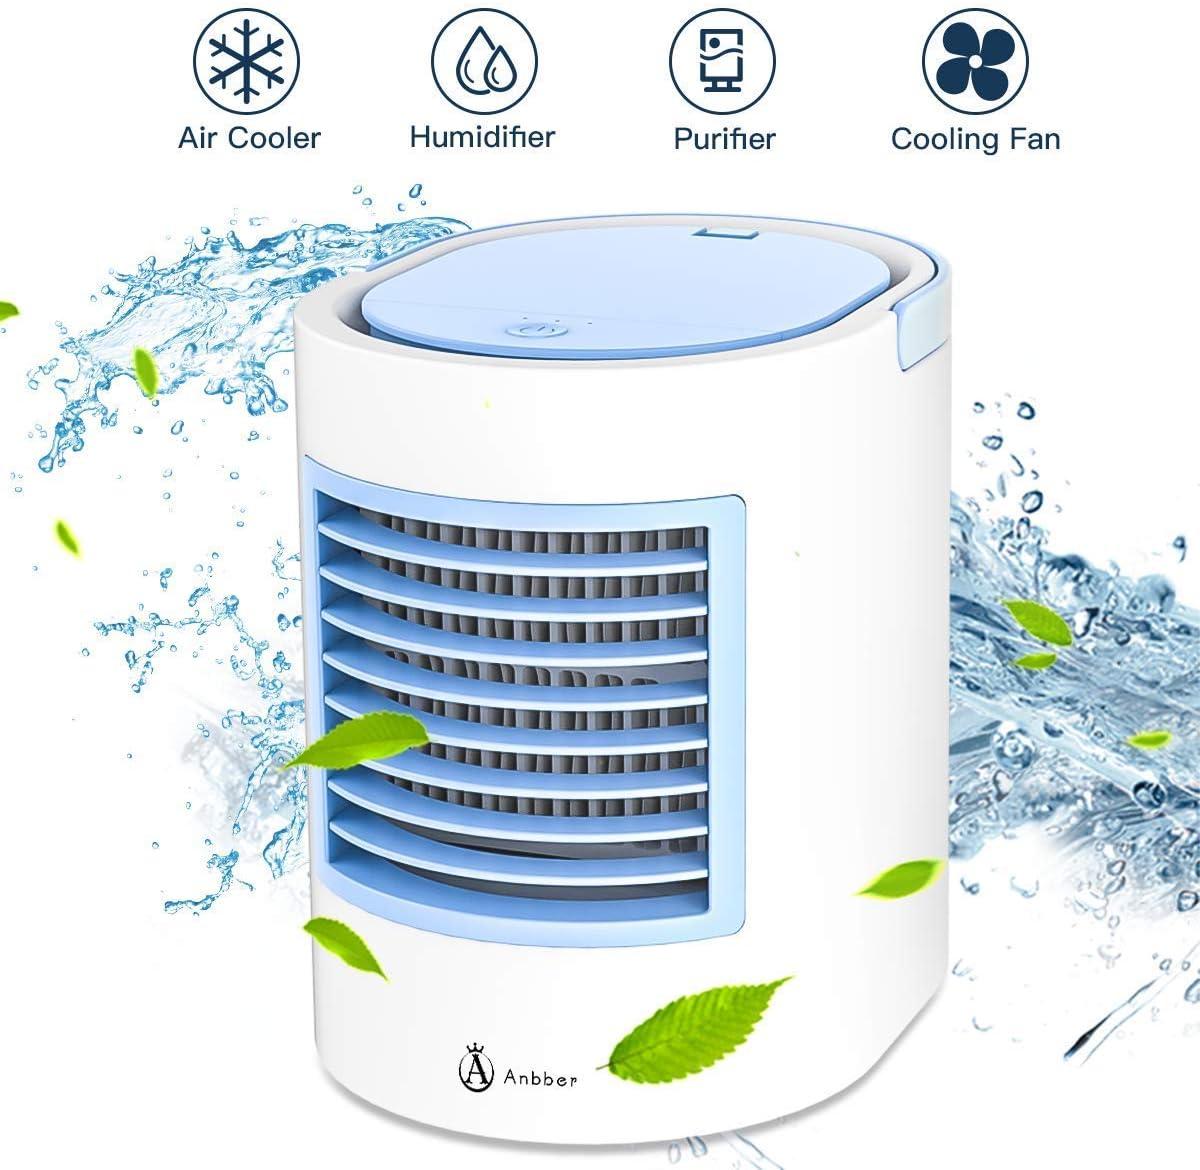 Aire Acondicionado portátil Anbber Air Cooler 4 en 1 Ventilador purificador de Aire para desinfección de luz UV con conexión USB 3 Niveles de Potencia Aire Acondicionado portátil: Amazon.es: Bricolaje y herramientas